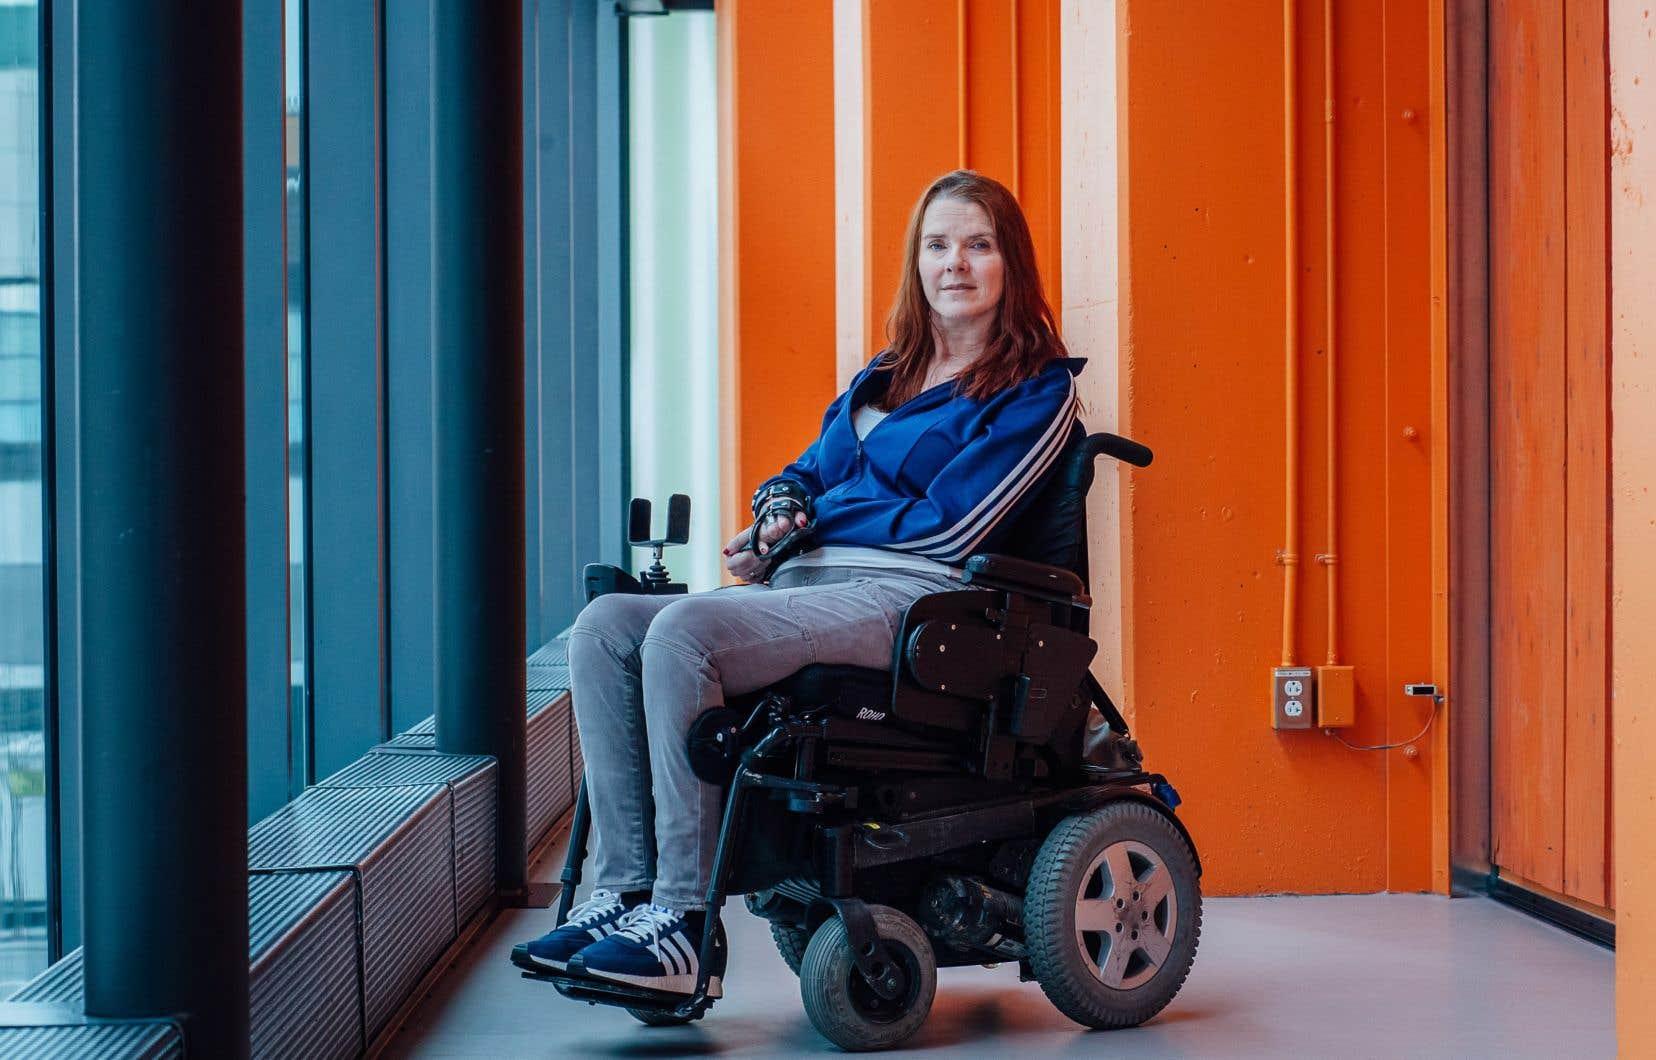 France Geoffroy n'a jamais arrêté de danser malgré un accident de plongeon qui l'a placé en fauteuil roulant lorsqu'elle avait 17 ans.